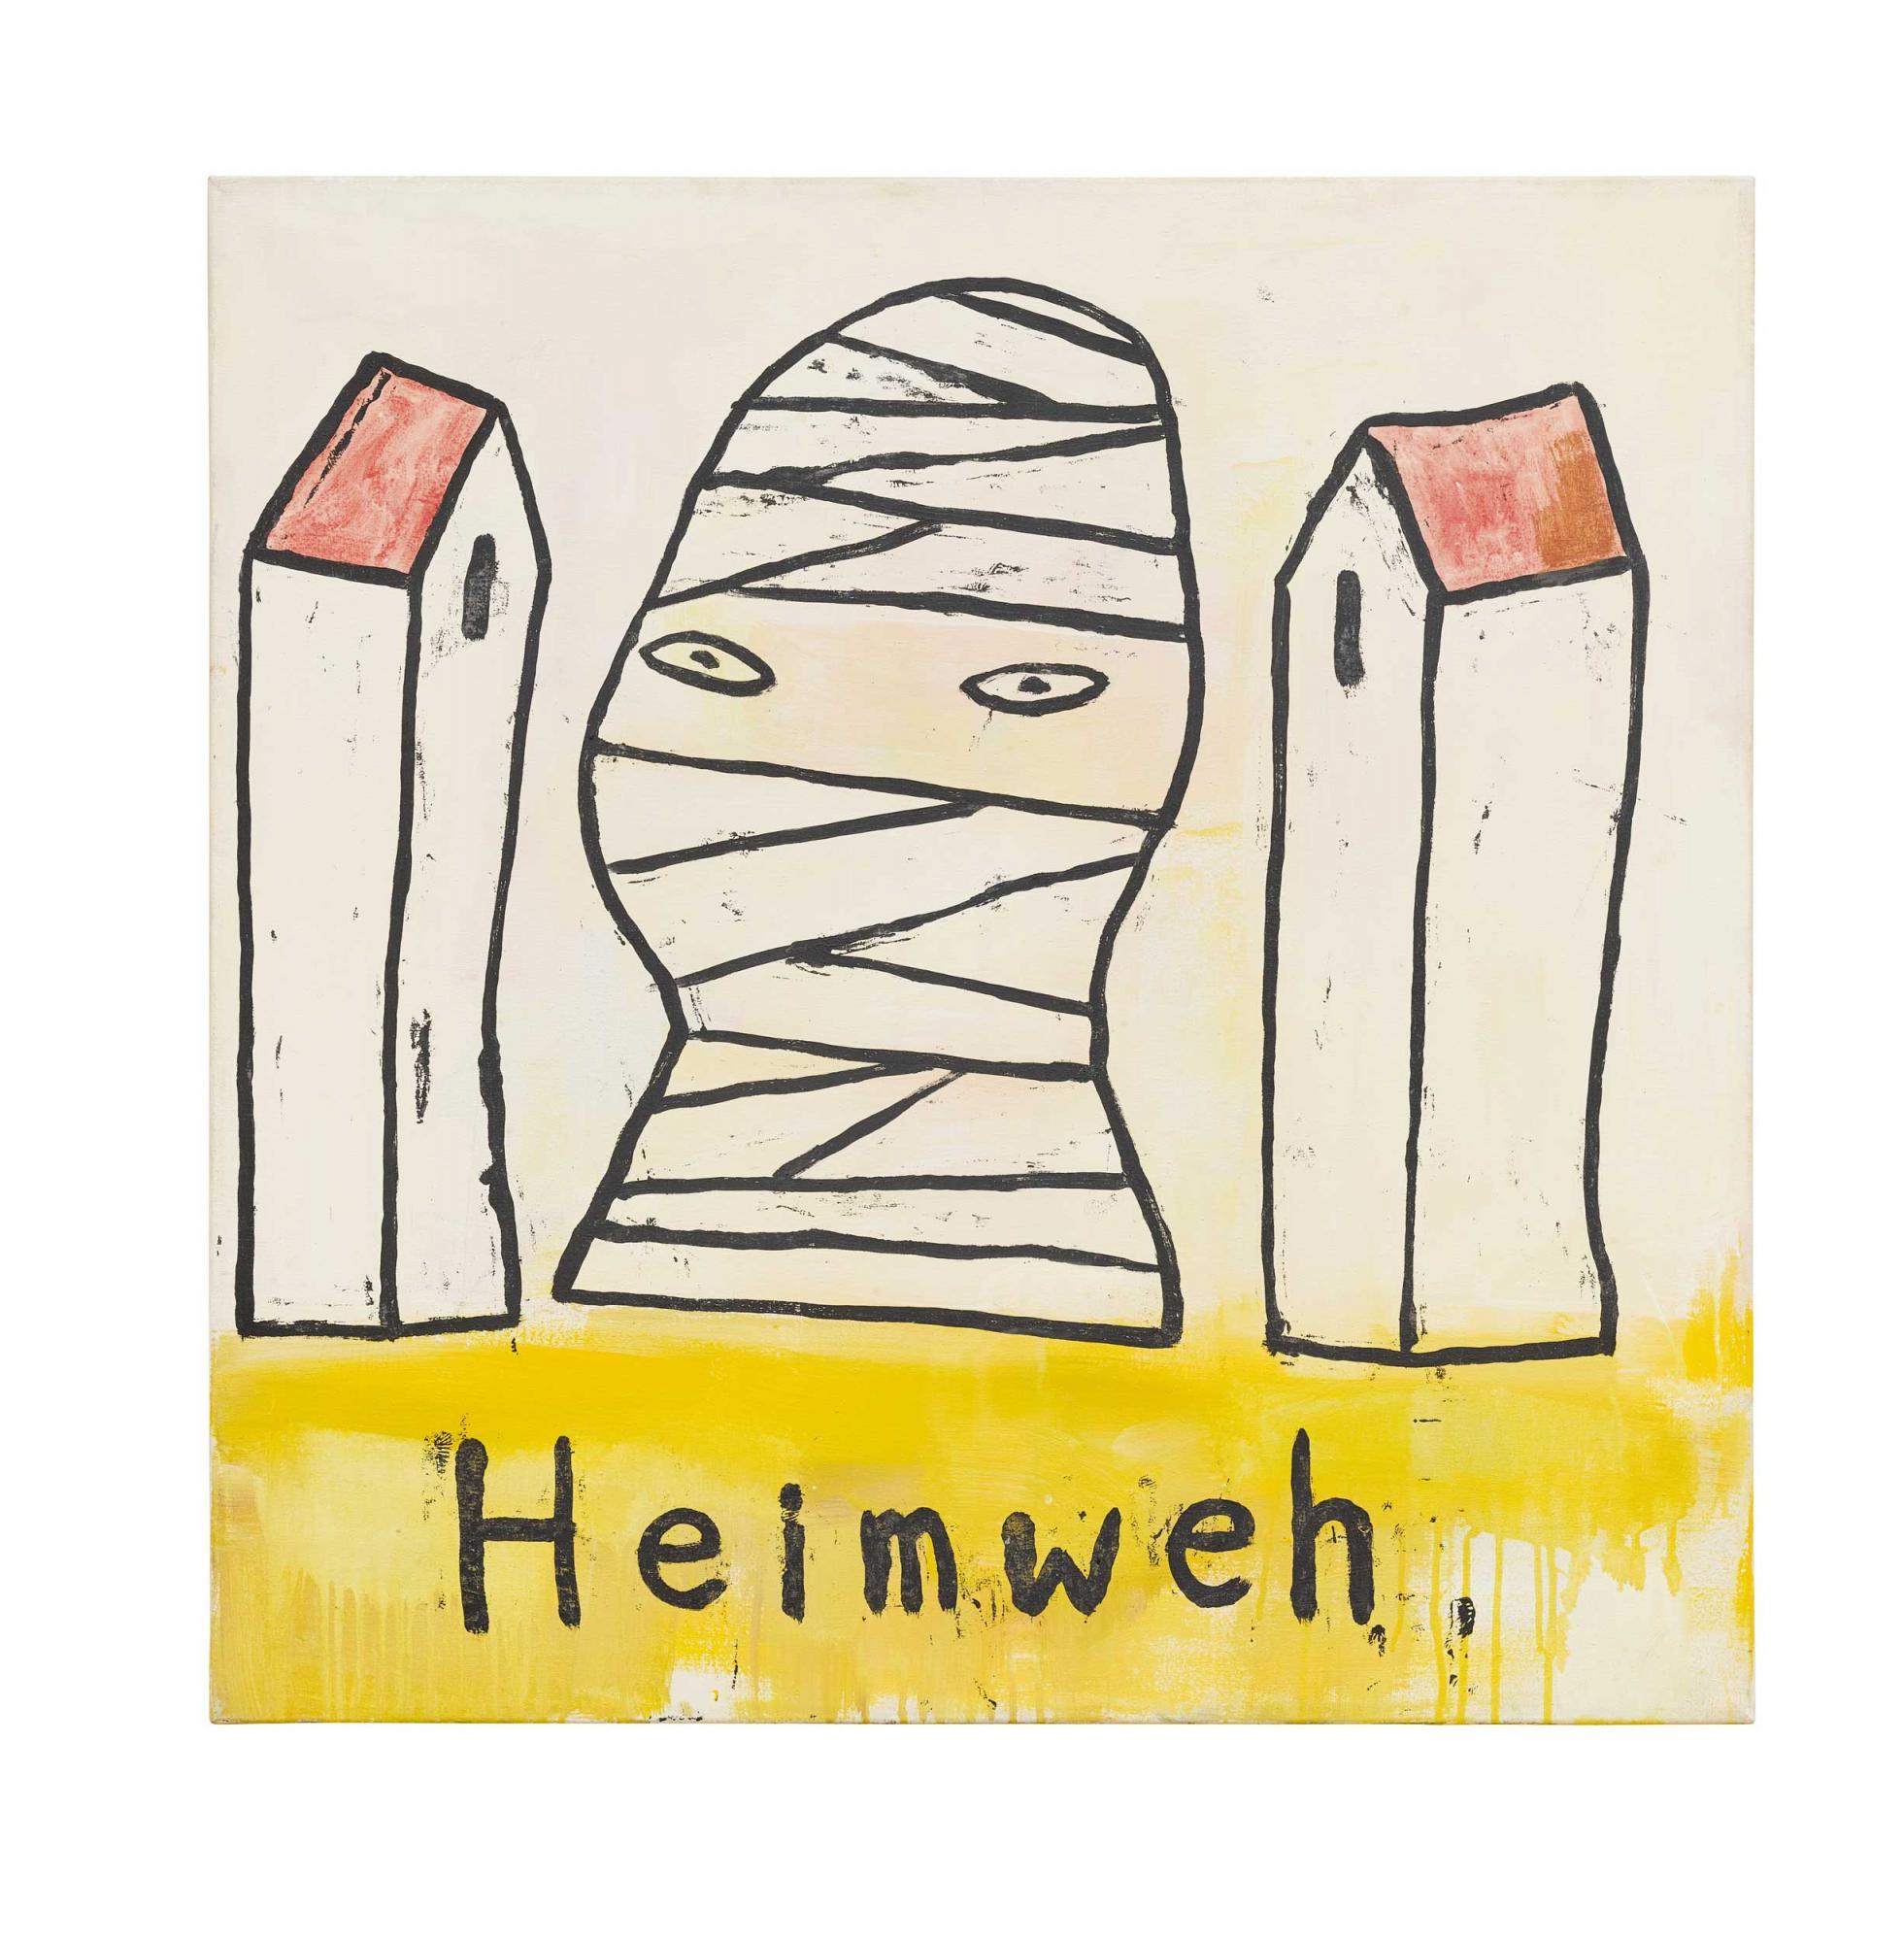 奈良美智《思鄉病》 1989年作,壓克力畫布, 90 x 90 公分 估價:2,000,000 - 3,000,000港元